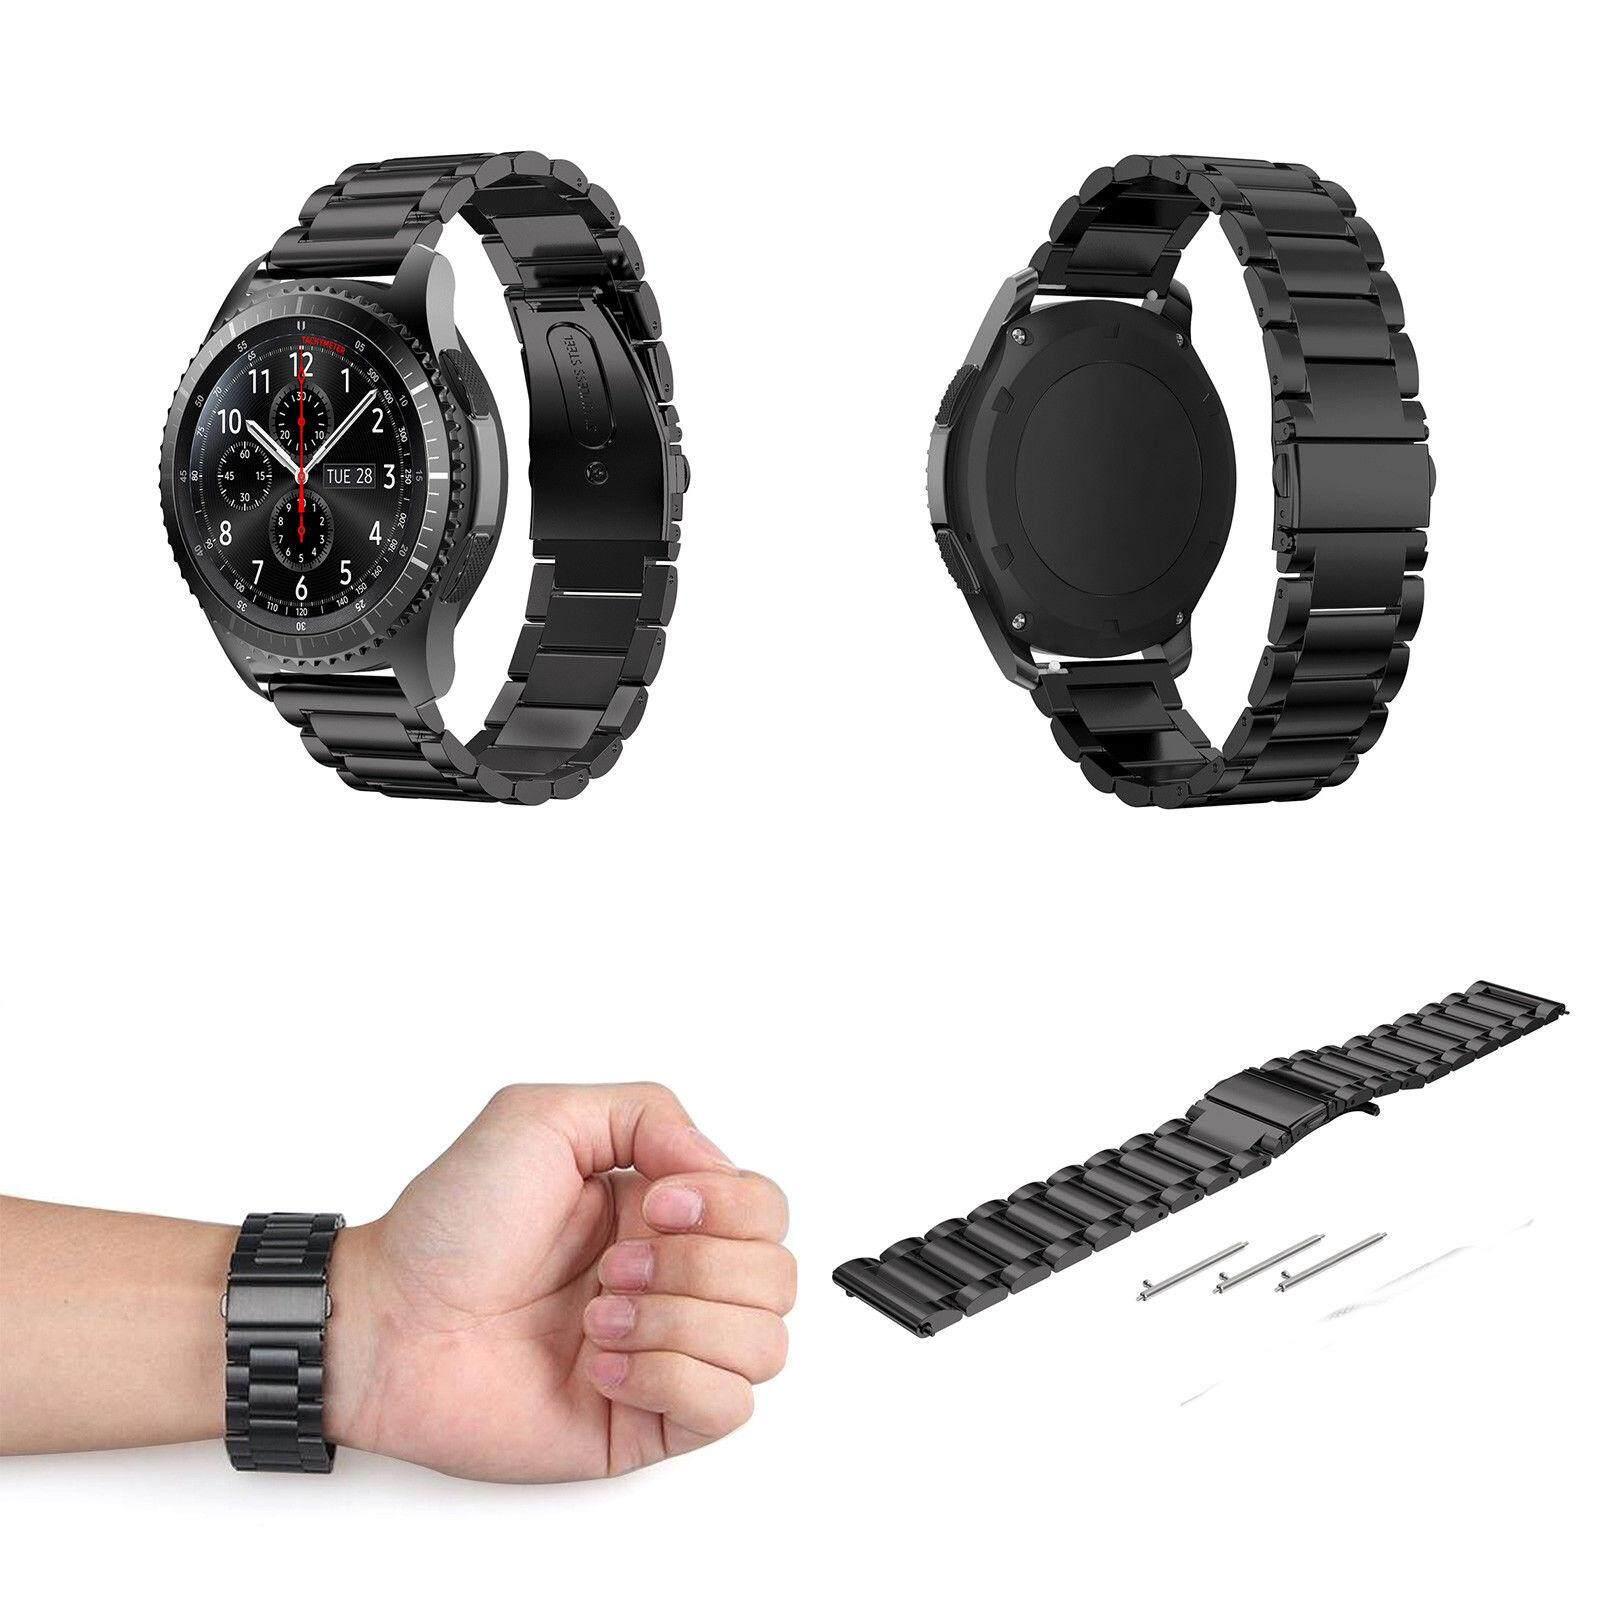 Yunmiao 22 Mét Thép không gỉ Vòng Tay Dây Đeo cho Samsung Gear S3 Biên Cương/S3 Cổ Điển Dây Đồng Hồ